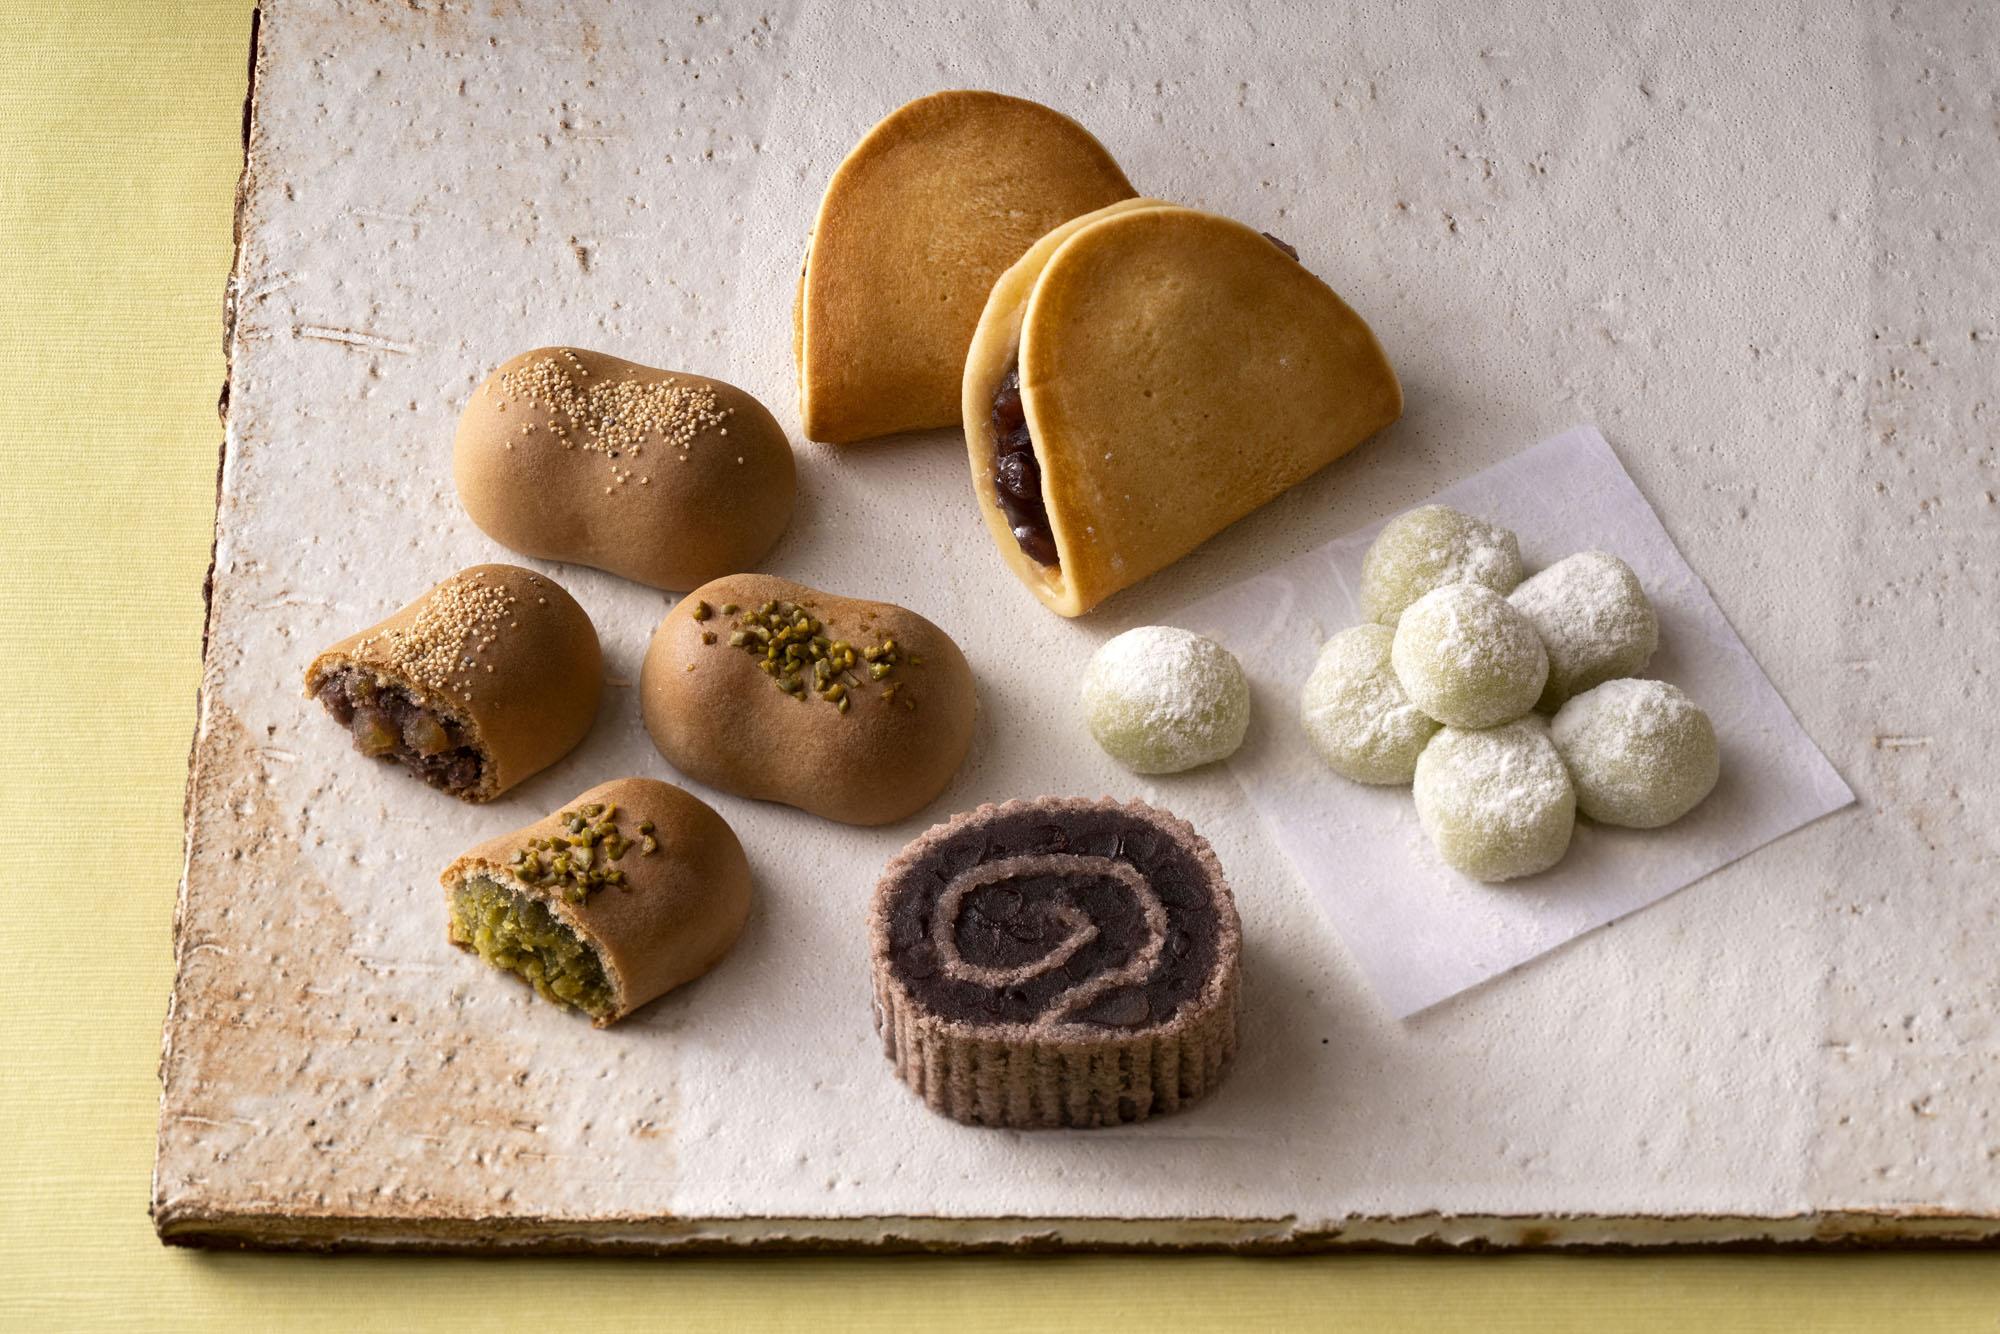 鶴屋吉信 本店 人気のお菓子